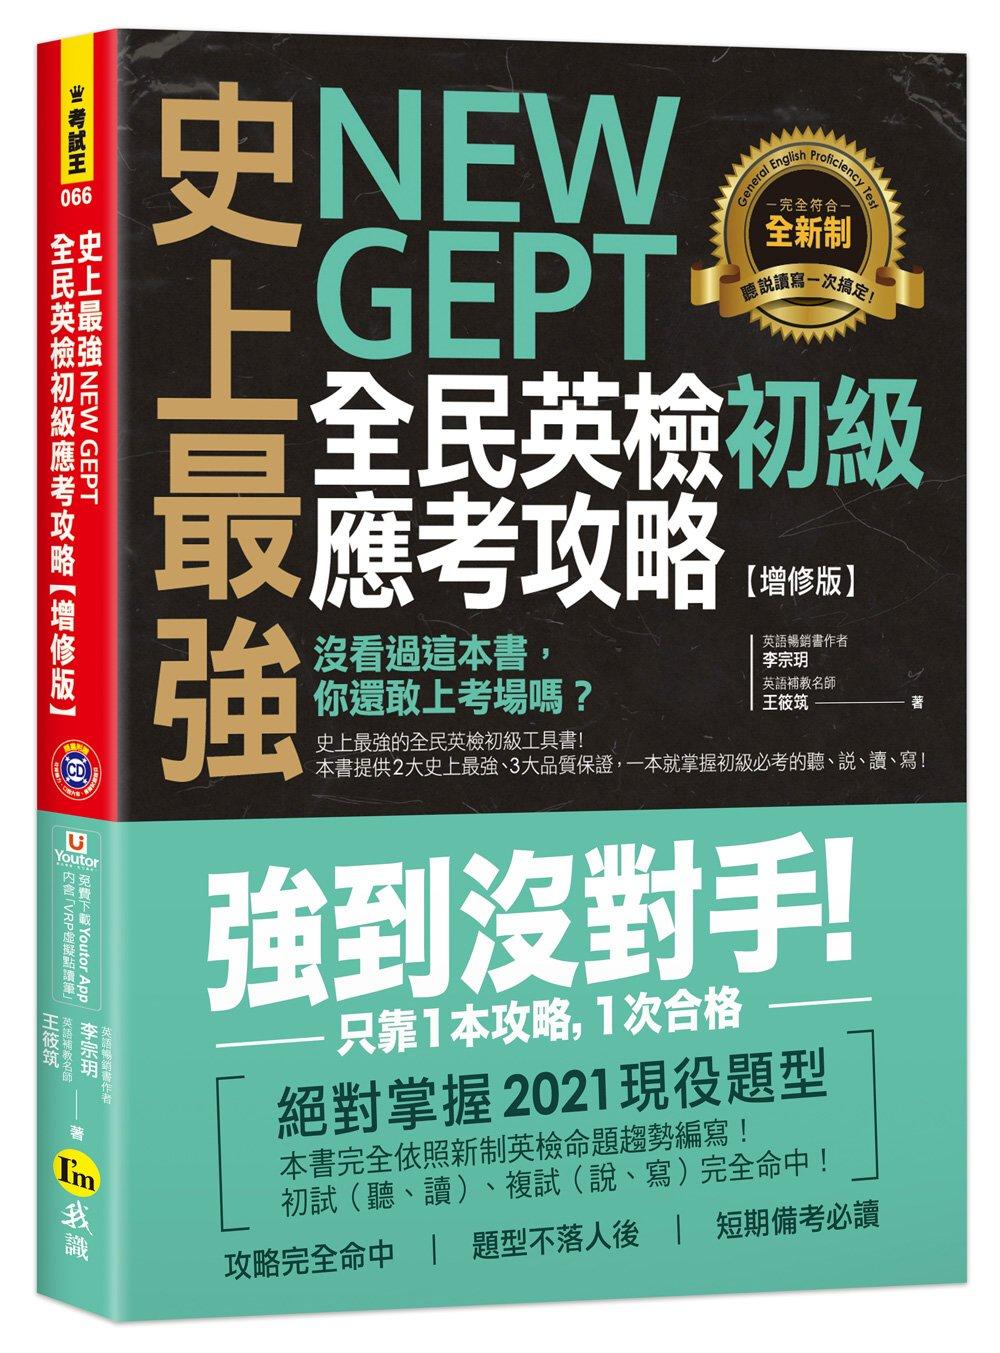 史上最強 New GEPT 全民英檢初級應考攻略【增修版】(附贈完整一回全真模擬試題+1CD+「Youtor App」內含VRP虛擬點讀筆)